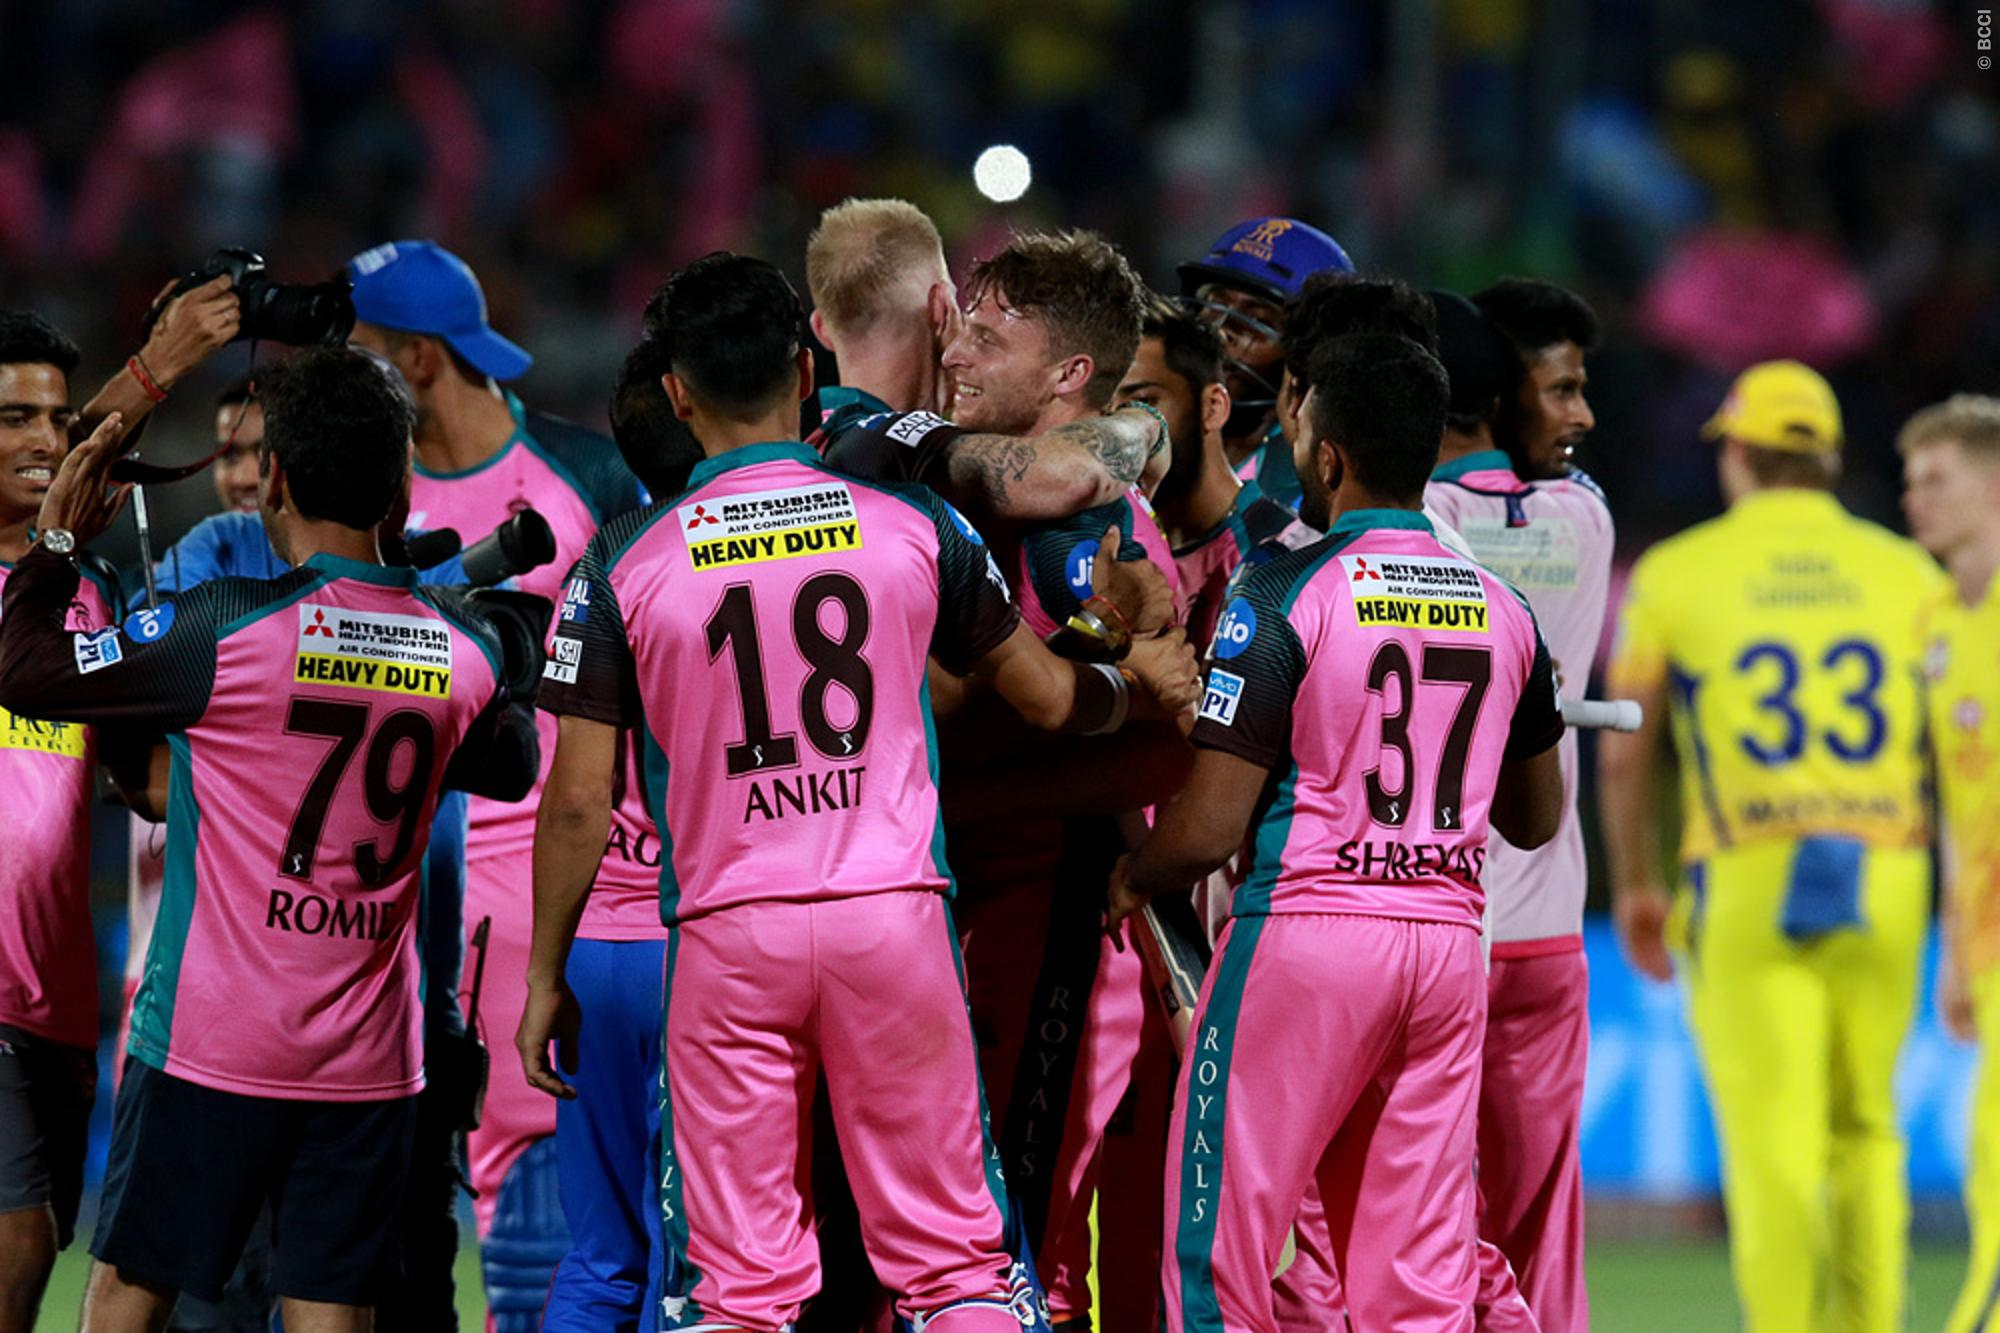 IPL 2018: चेन्नई के खराब गेंदबाजी के अलावा इन 5 कारणों से धोनी को करना पड़ा हार का सामना